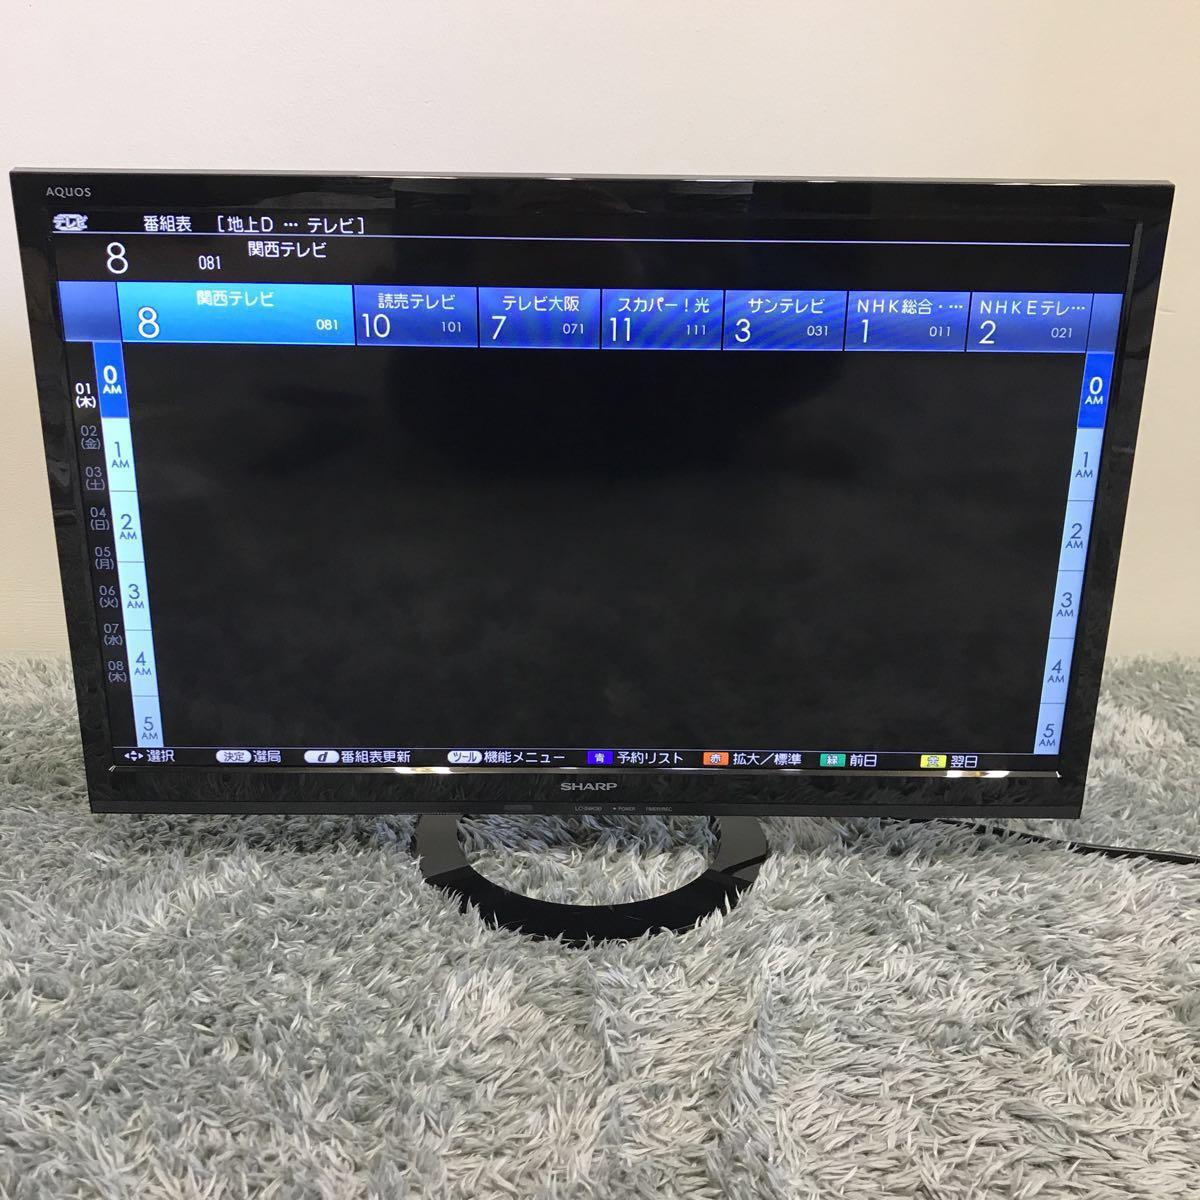 SHARP AQUOS アクオス 24V型 液晶テレビ LC-24K30-B 2015年製_画像3